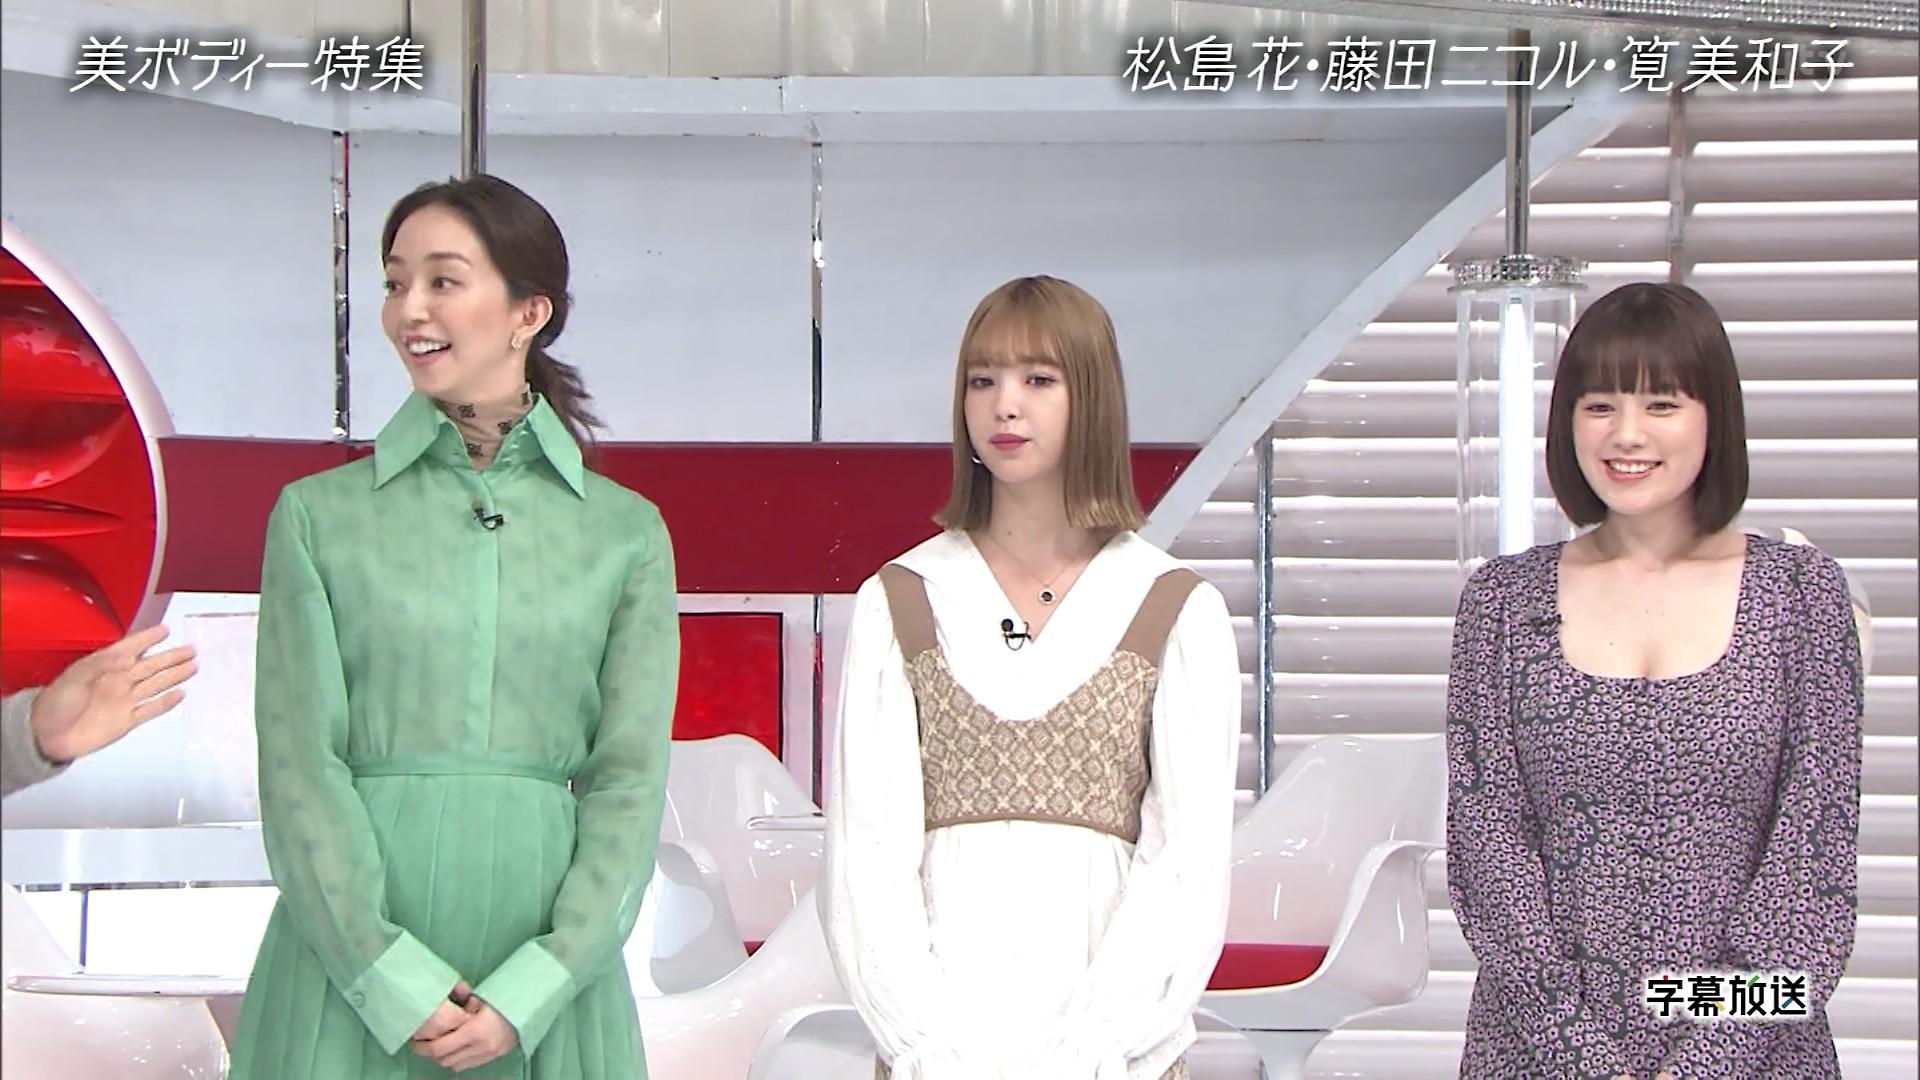 胸チラ_谷間_おっぱい_おしゃれイズム_02